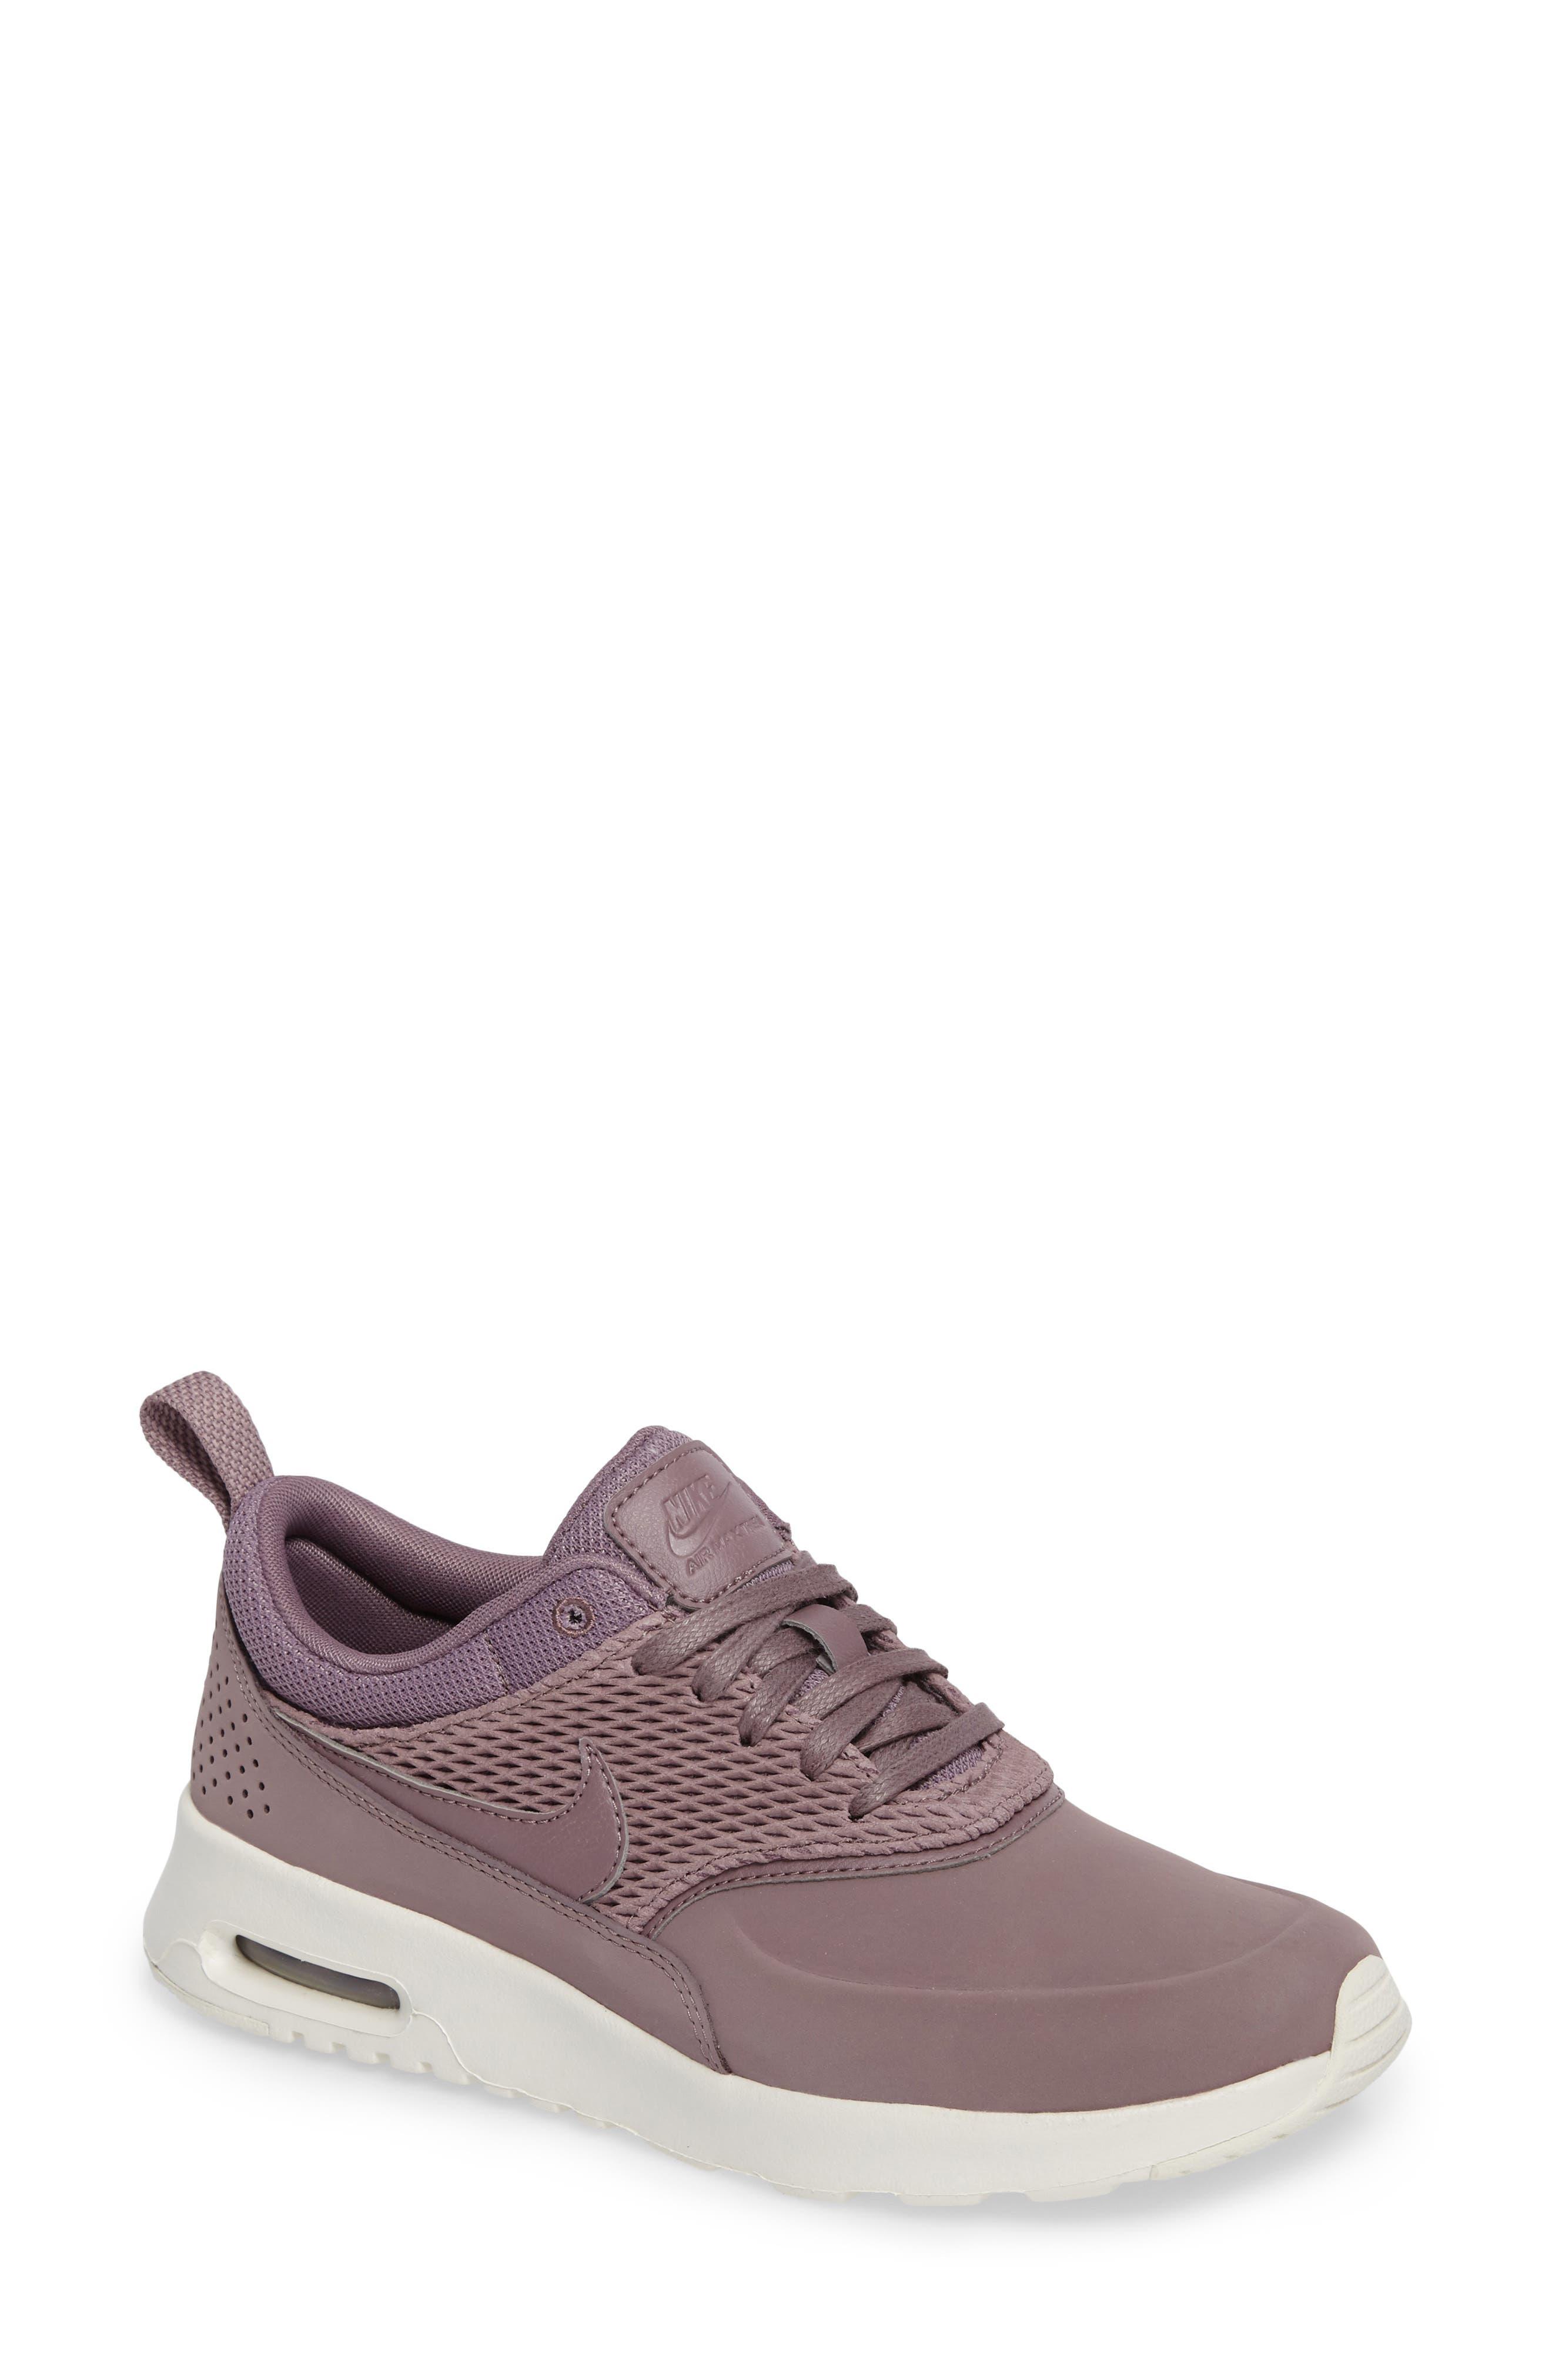 Main Image - Nike Air Max Thea Premium Sneaker (Women)